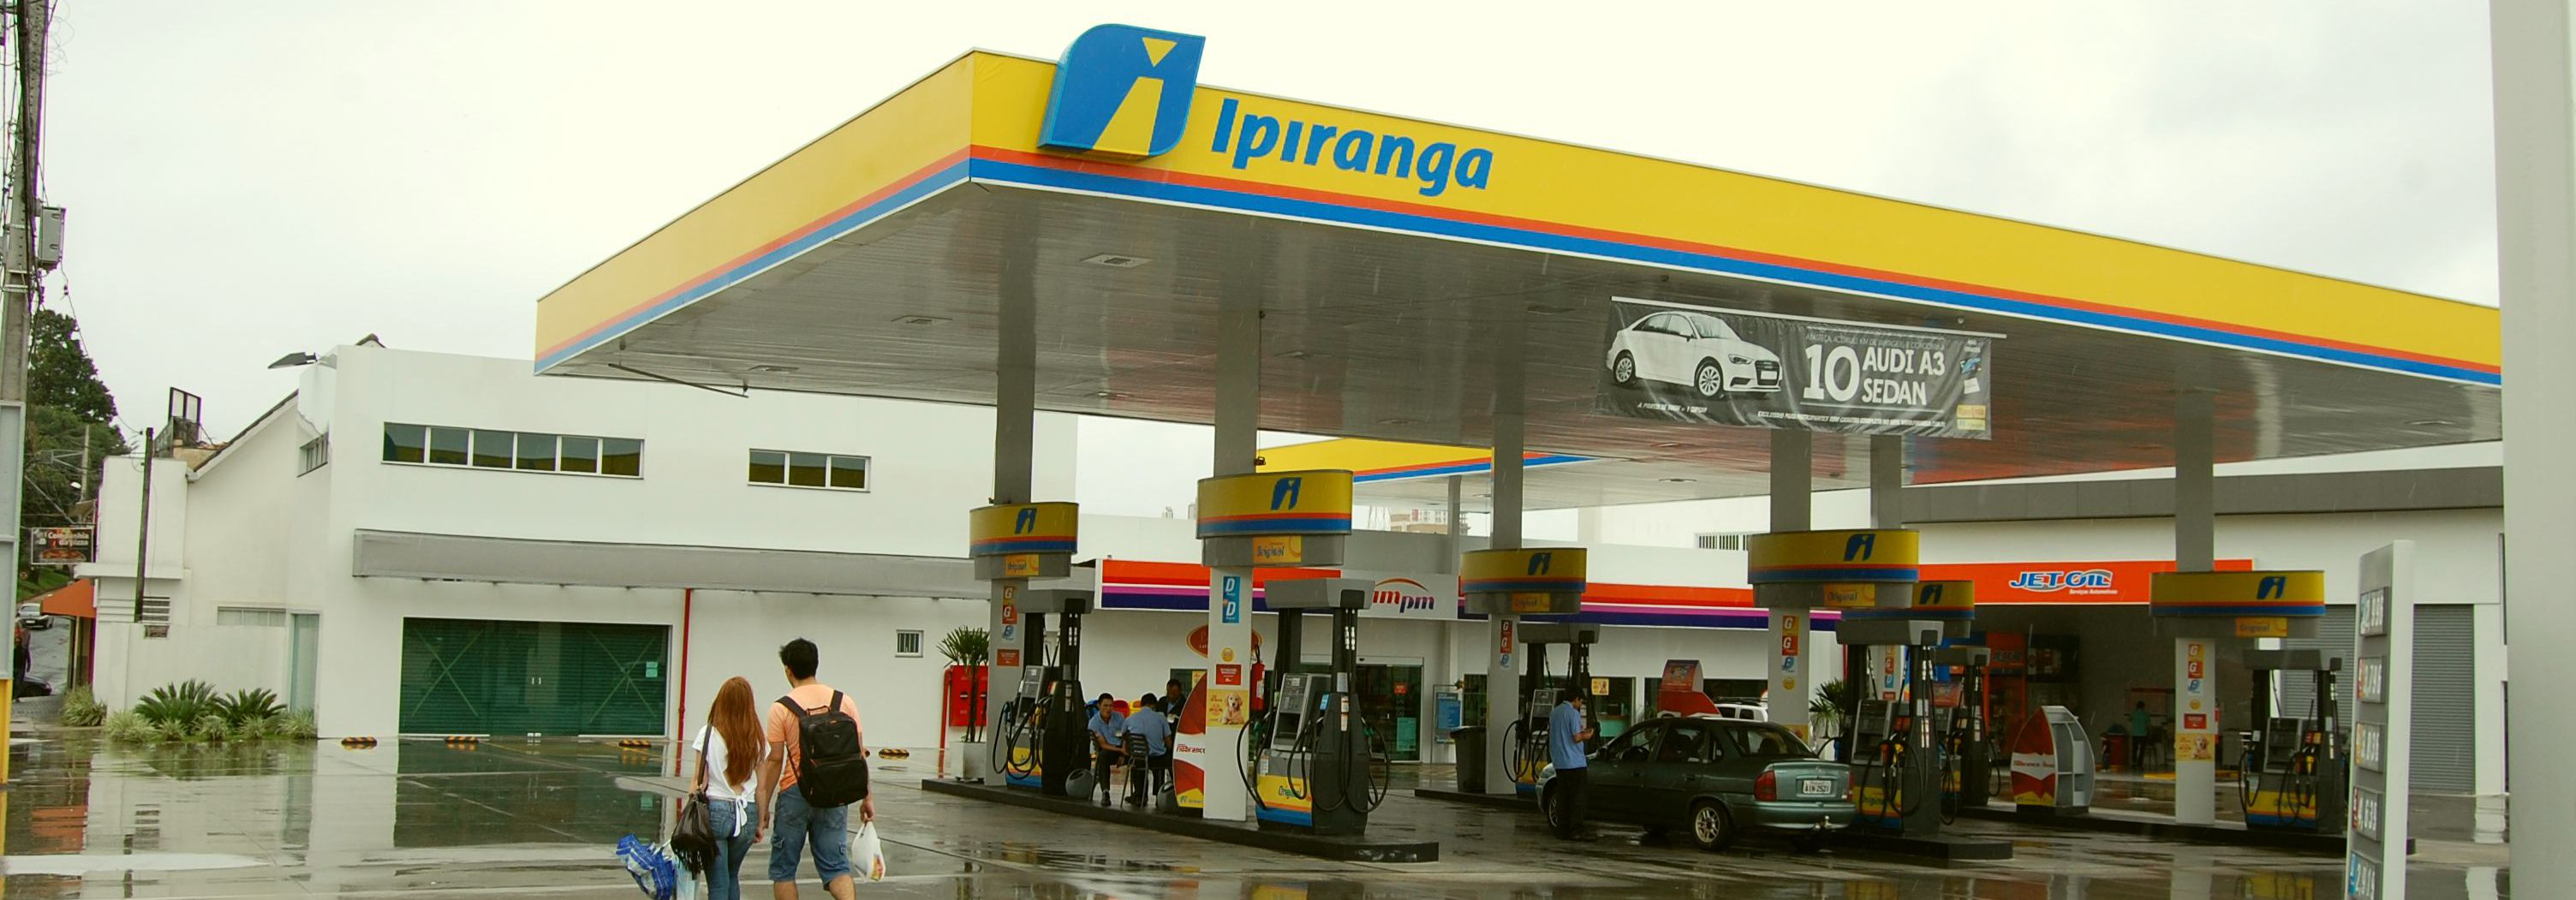 Posto Ipiranga Rio Branco - foto externa